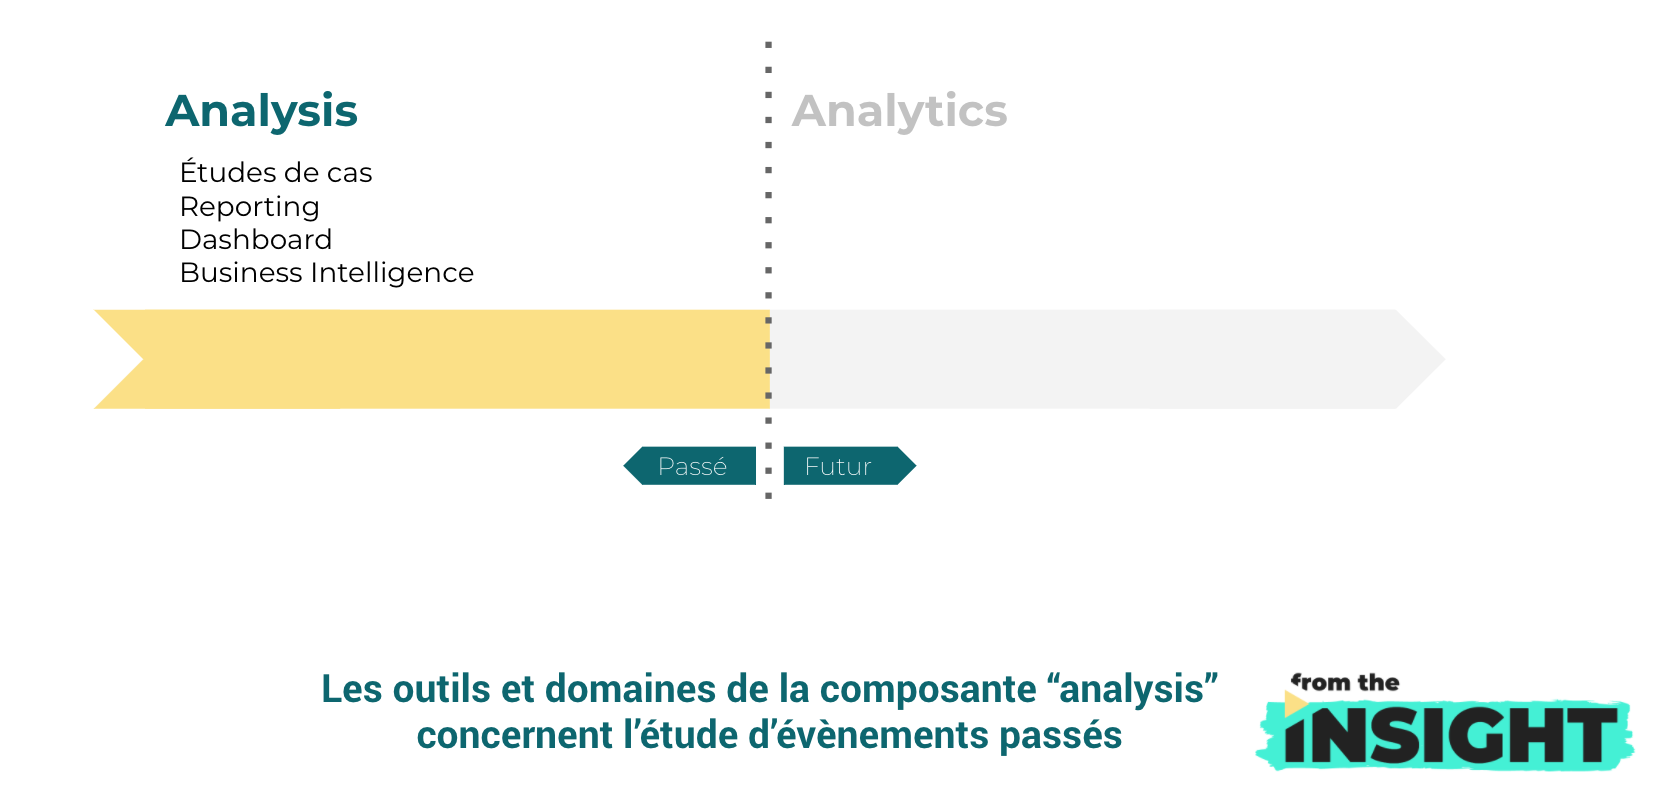 analysis ou analytics : définition analysis